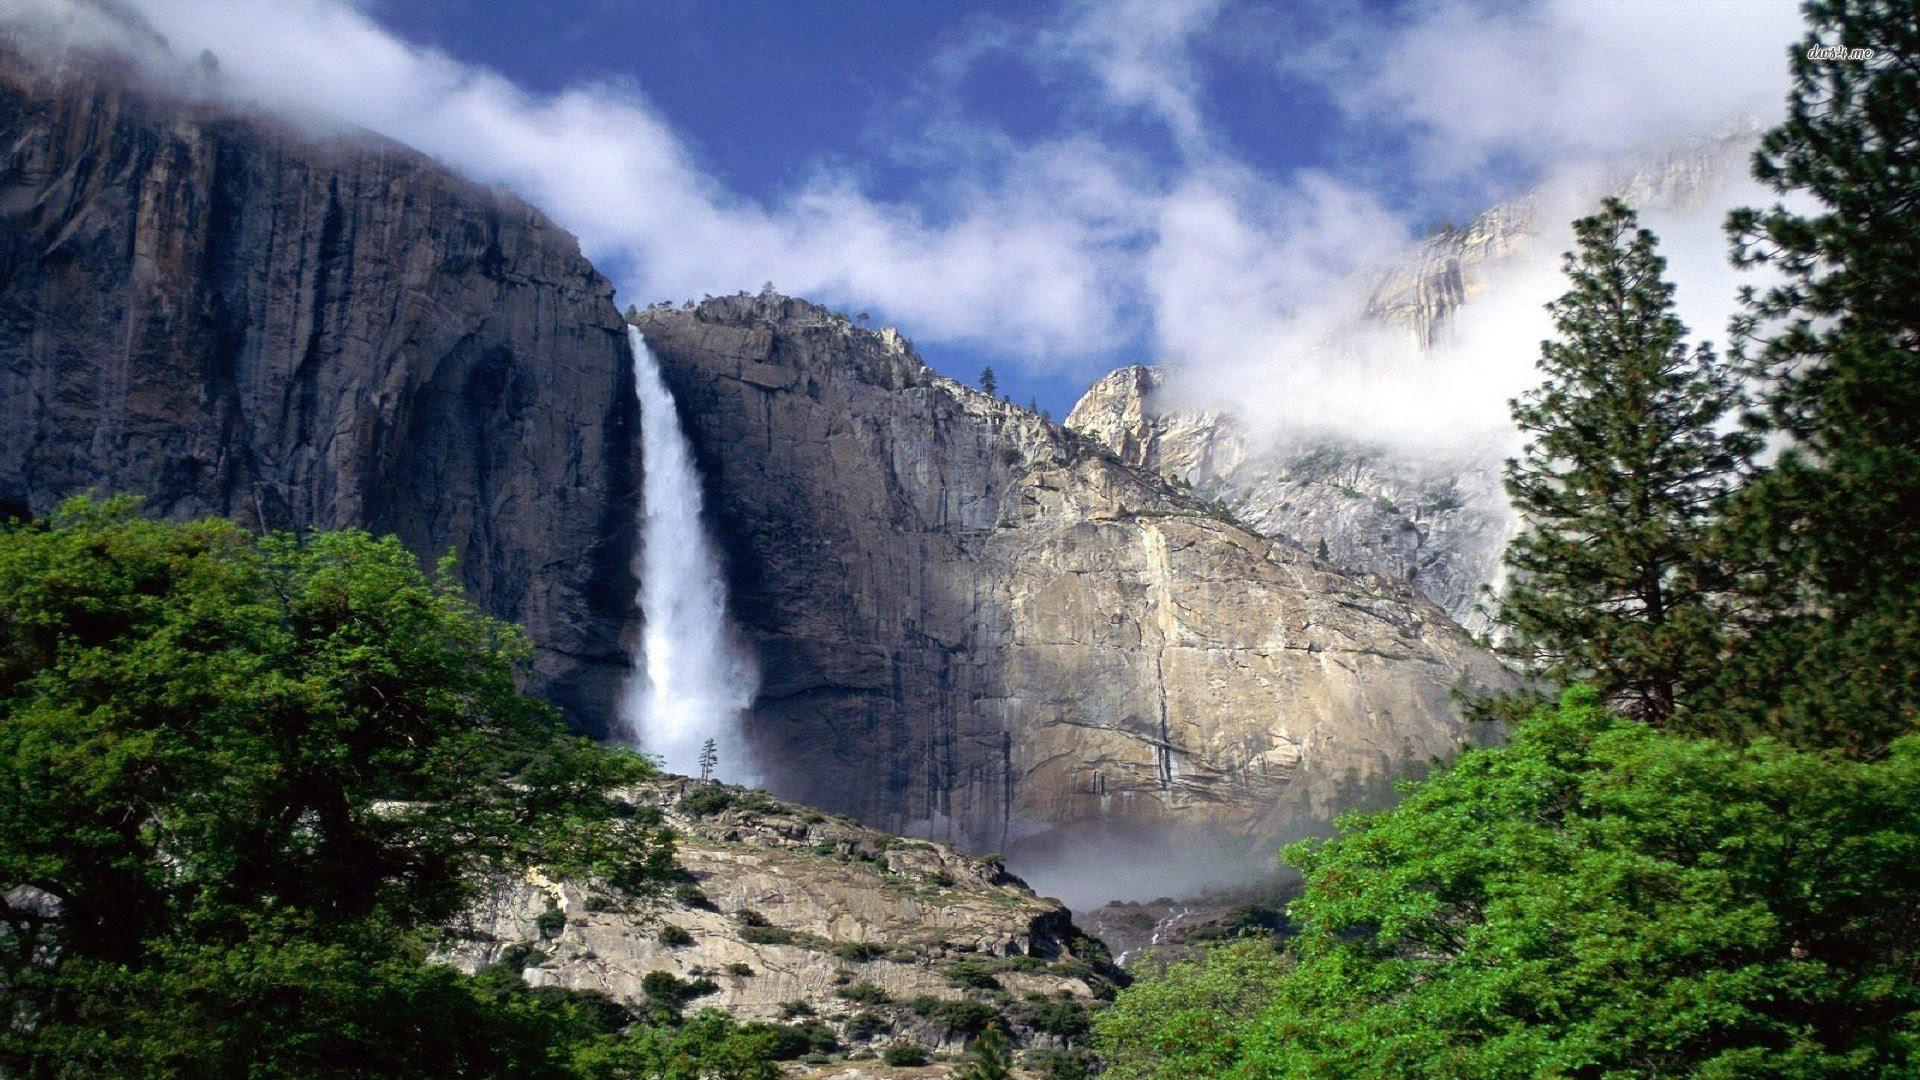 صوره اجمل الاماكن الطبيعية في العالم , افضل المناطق الخلابة